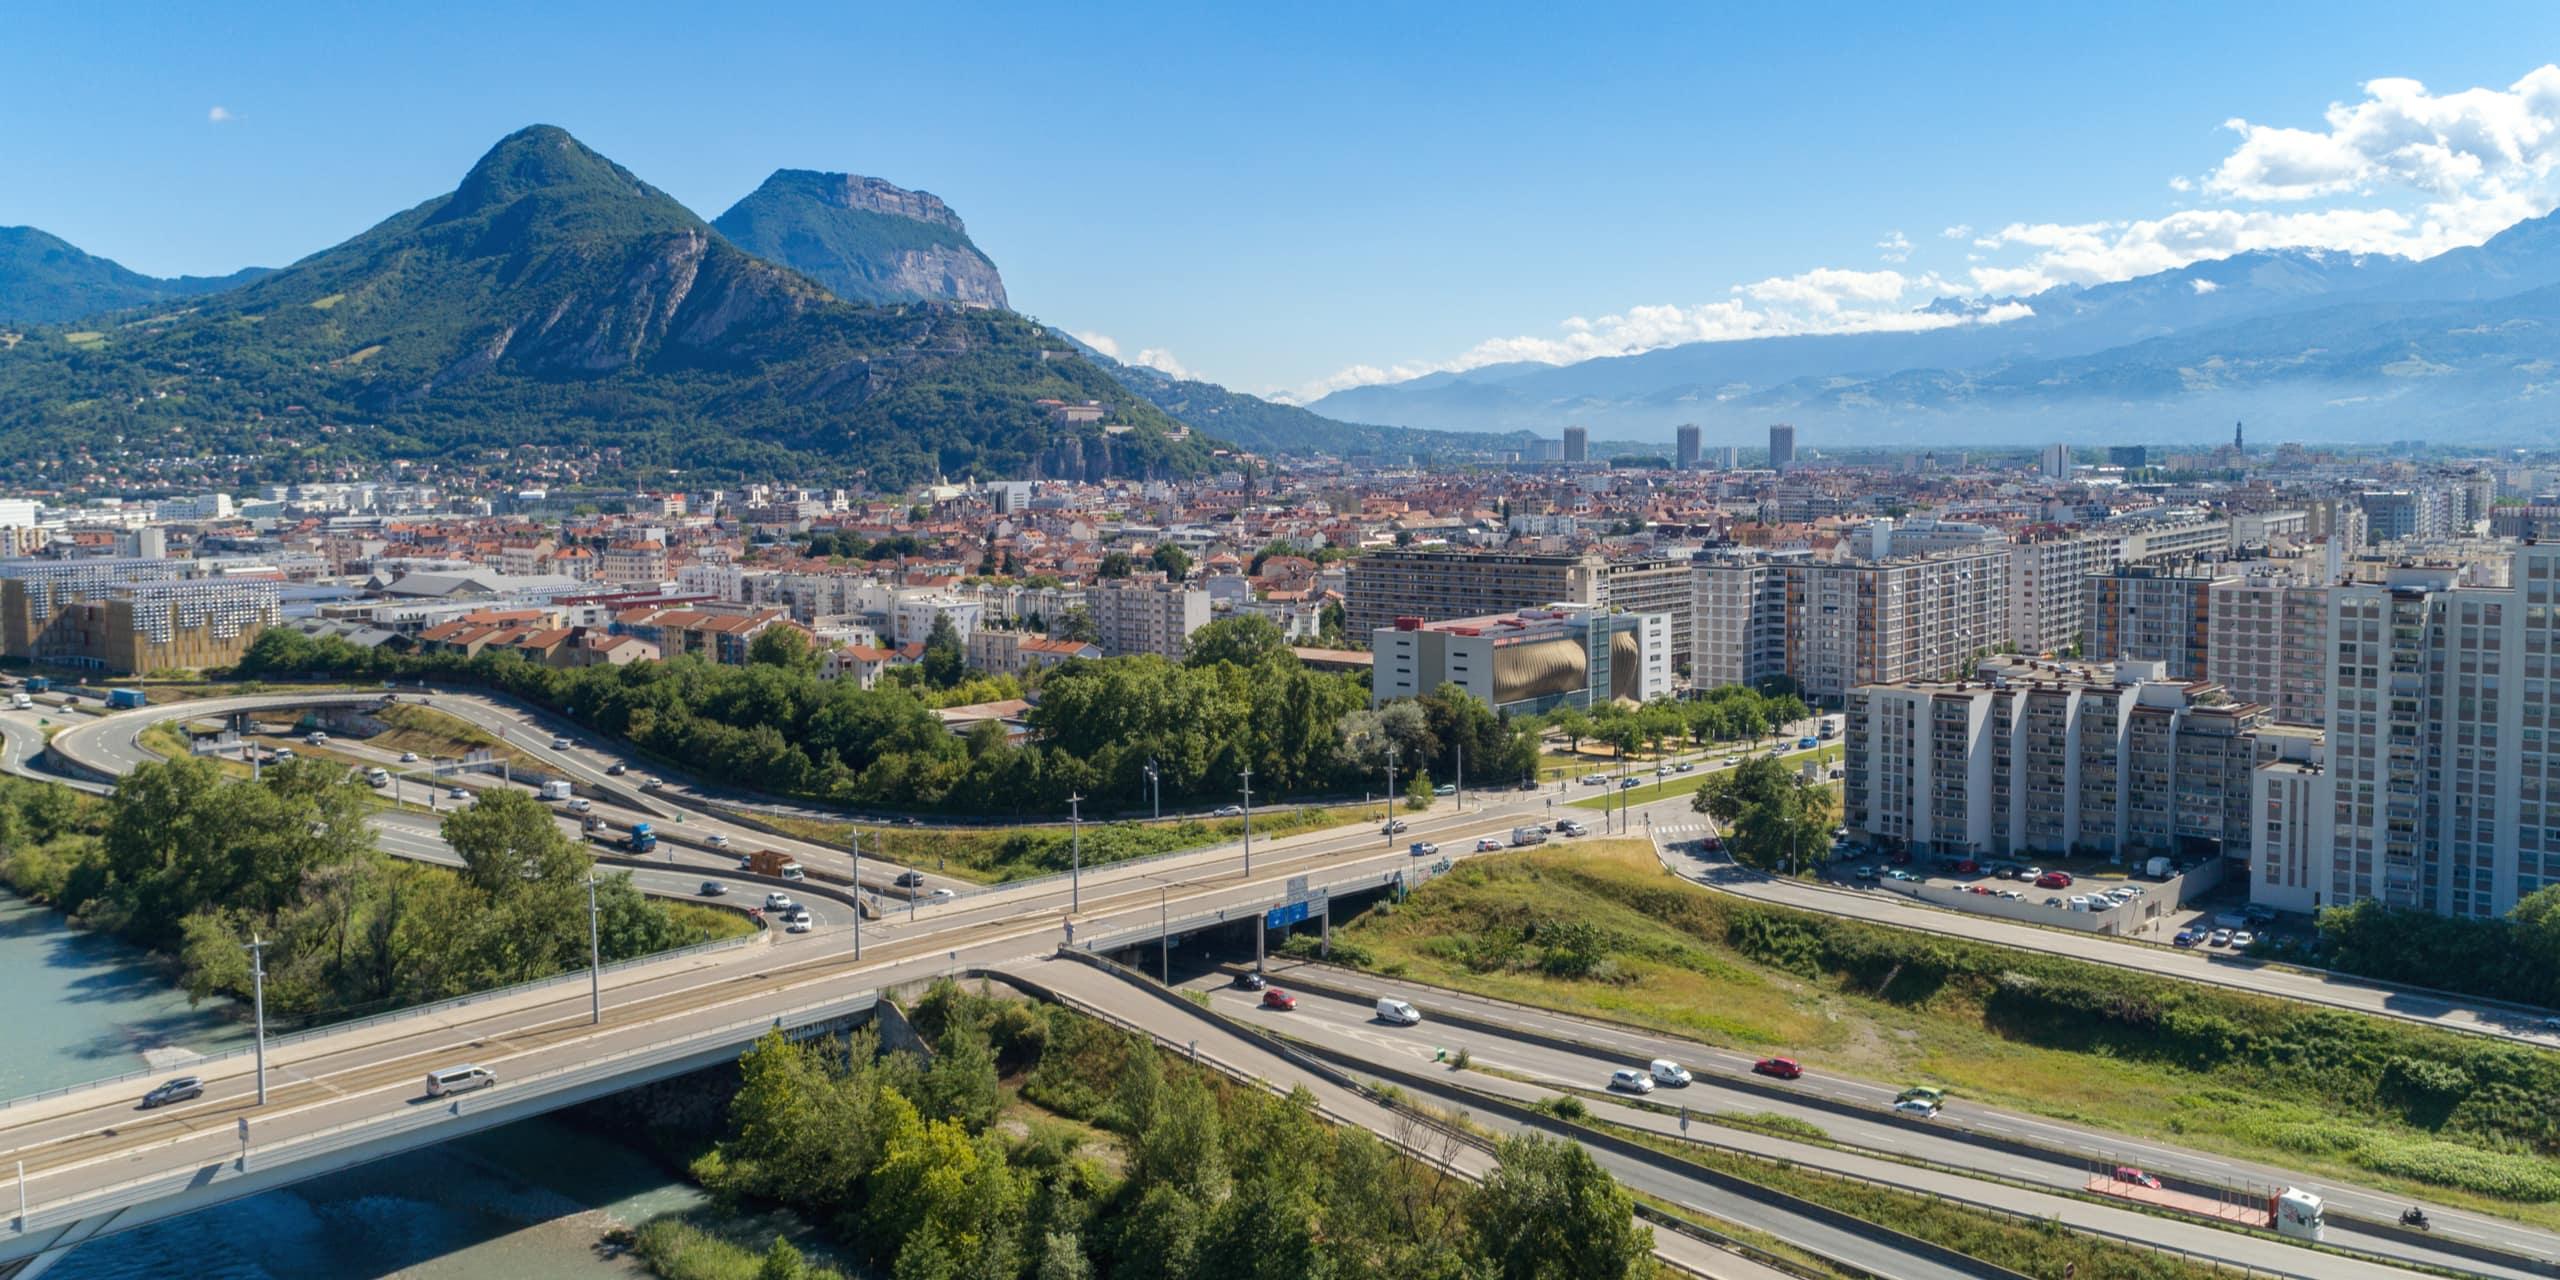 Autoroute A480 et Grenoble vu du ciel